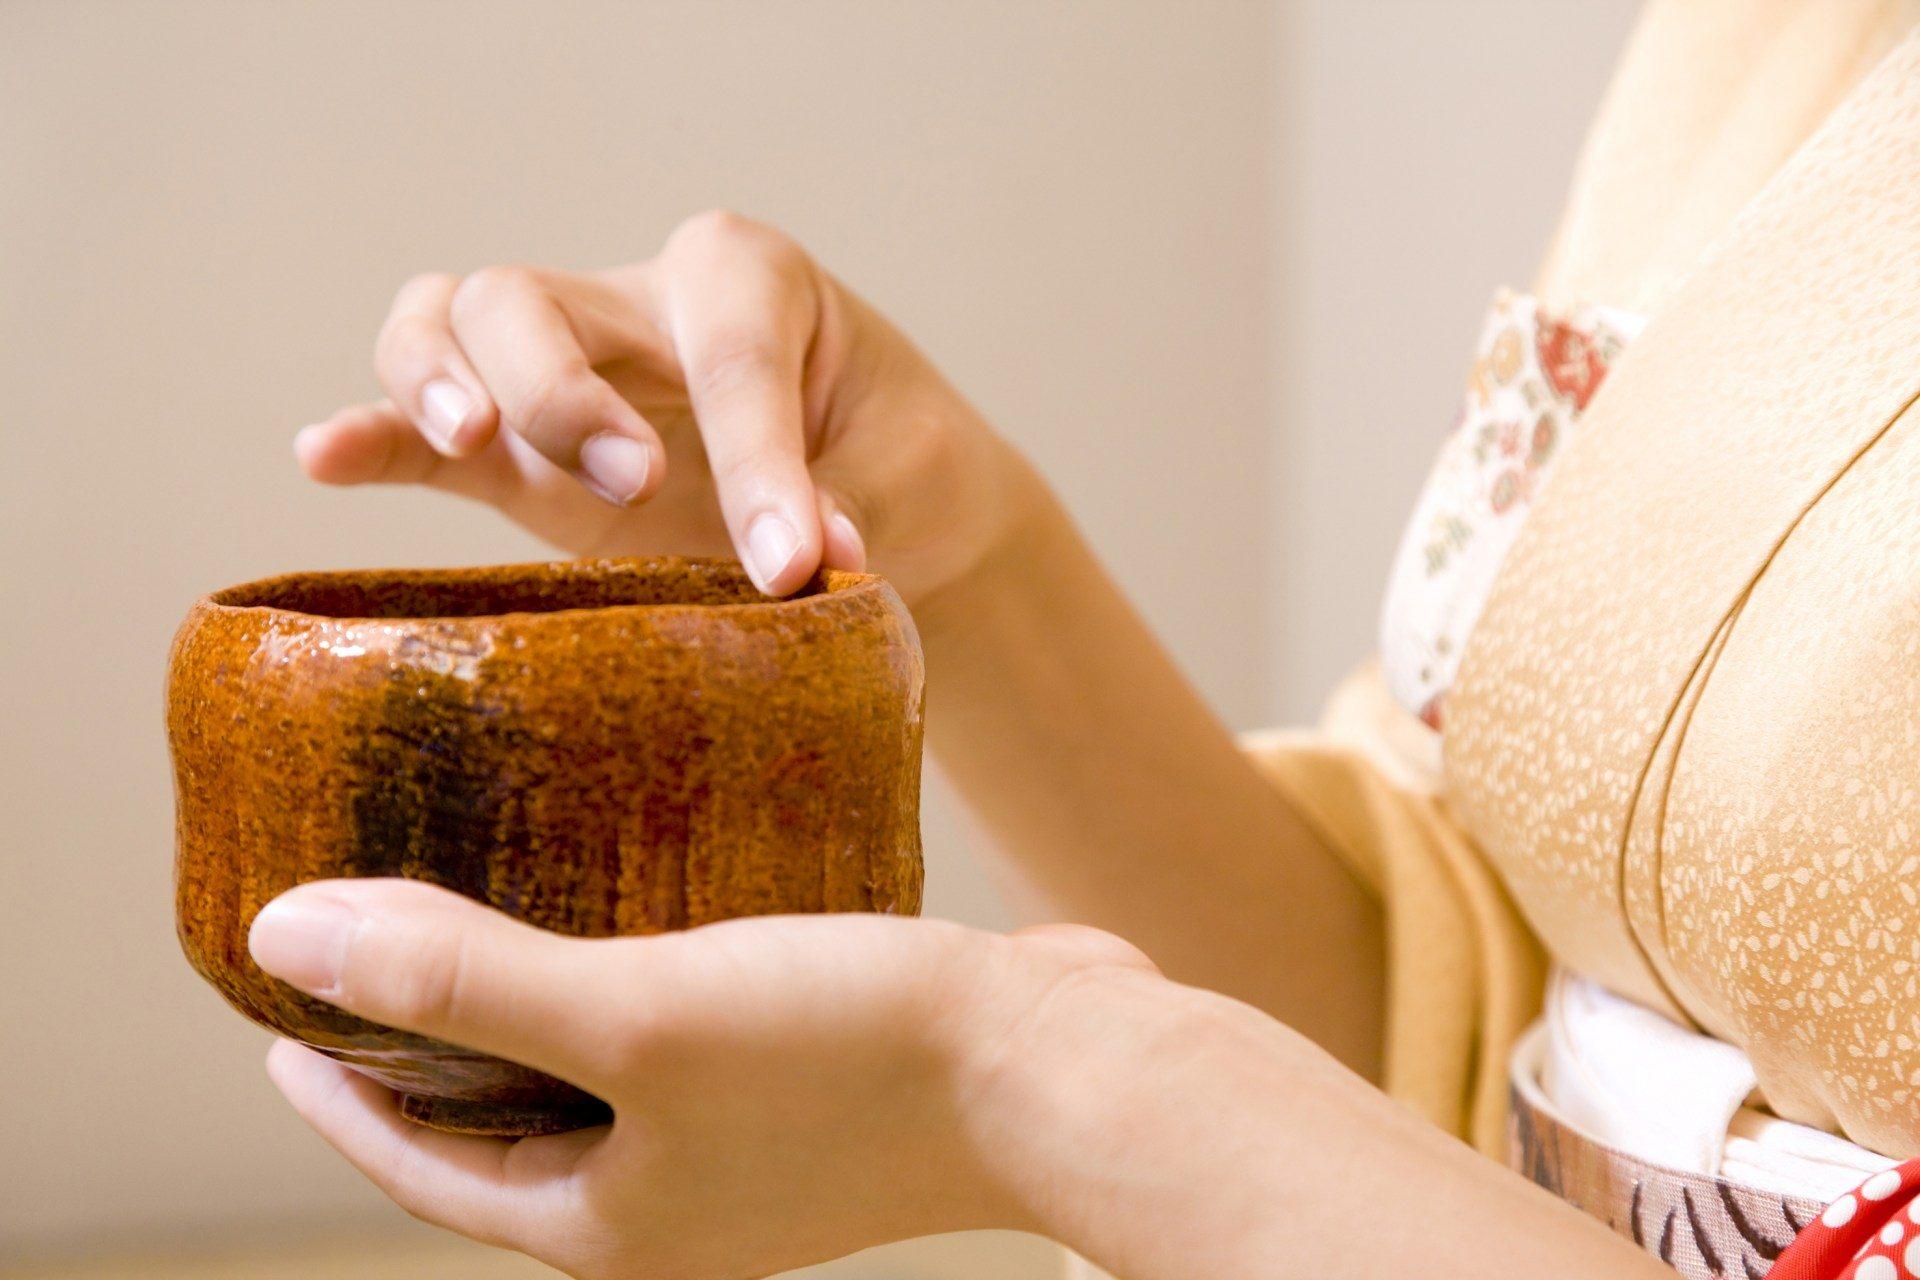 在擦拭时,只允许使用大拇指和食指